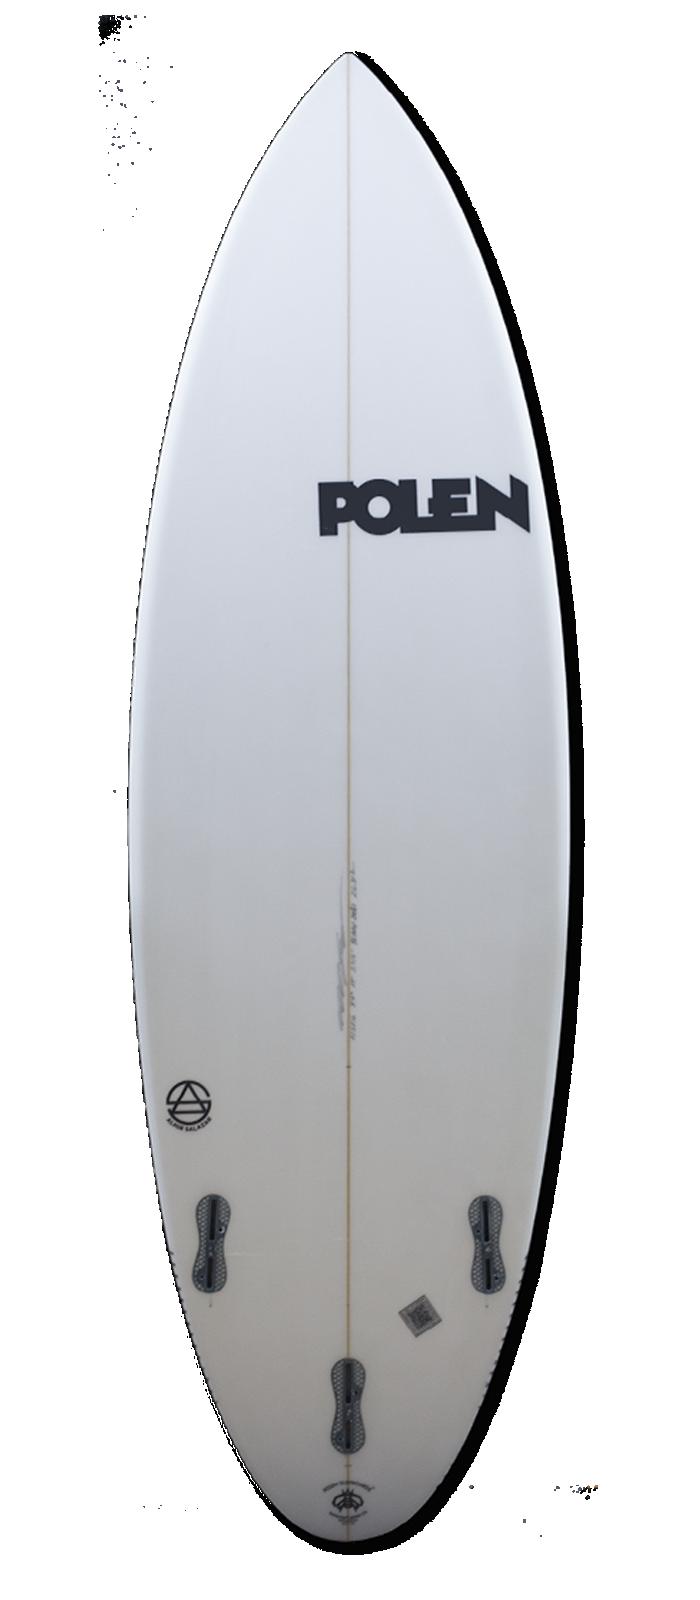 THE SCORE surfboard model bottom